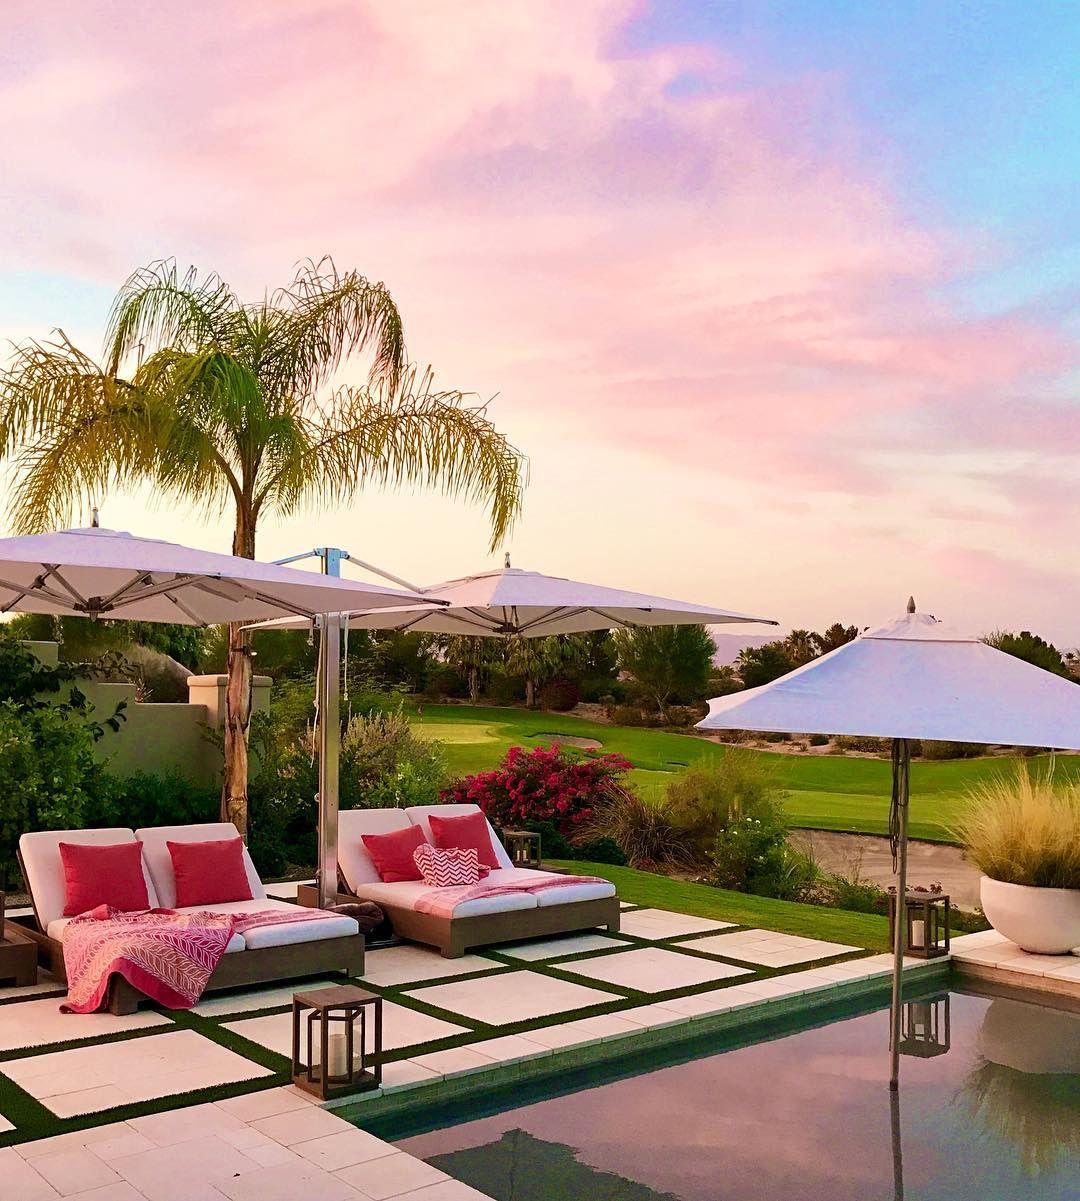 Patio Furniture Doctor Palm Desert: 4,273 Aprecieri, 62 Comentarii